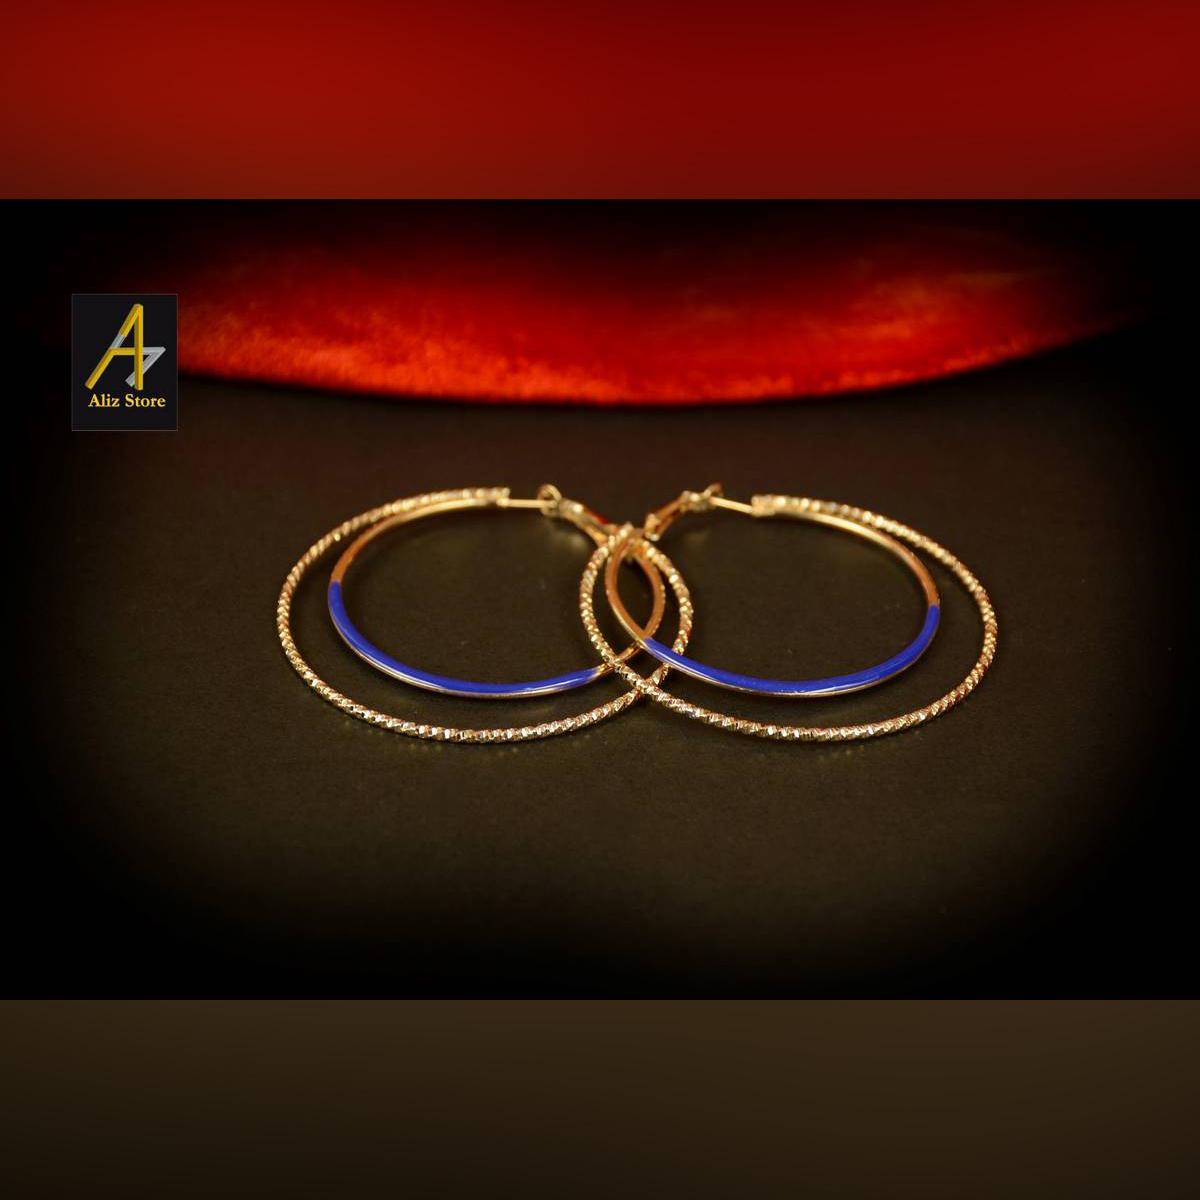 Ear hoops metallic earrings hoops style earrings for girls earrings for women fashion jewelry, trending jewelry